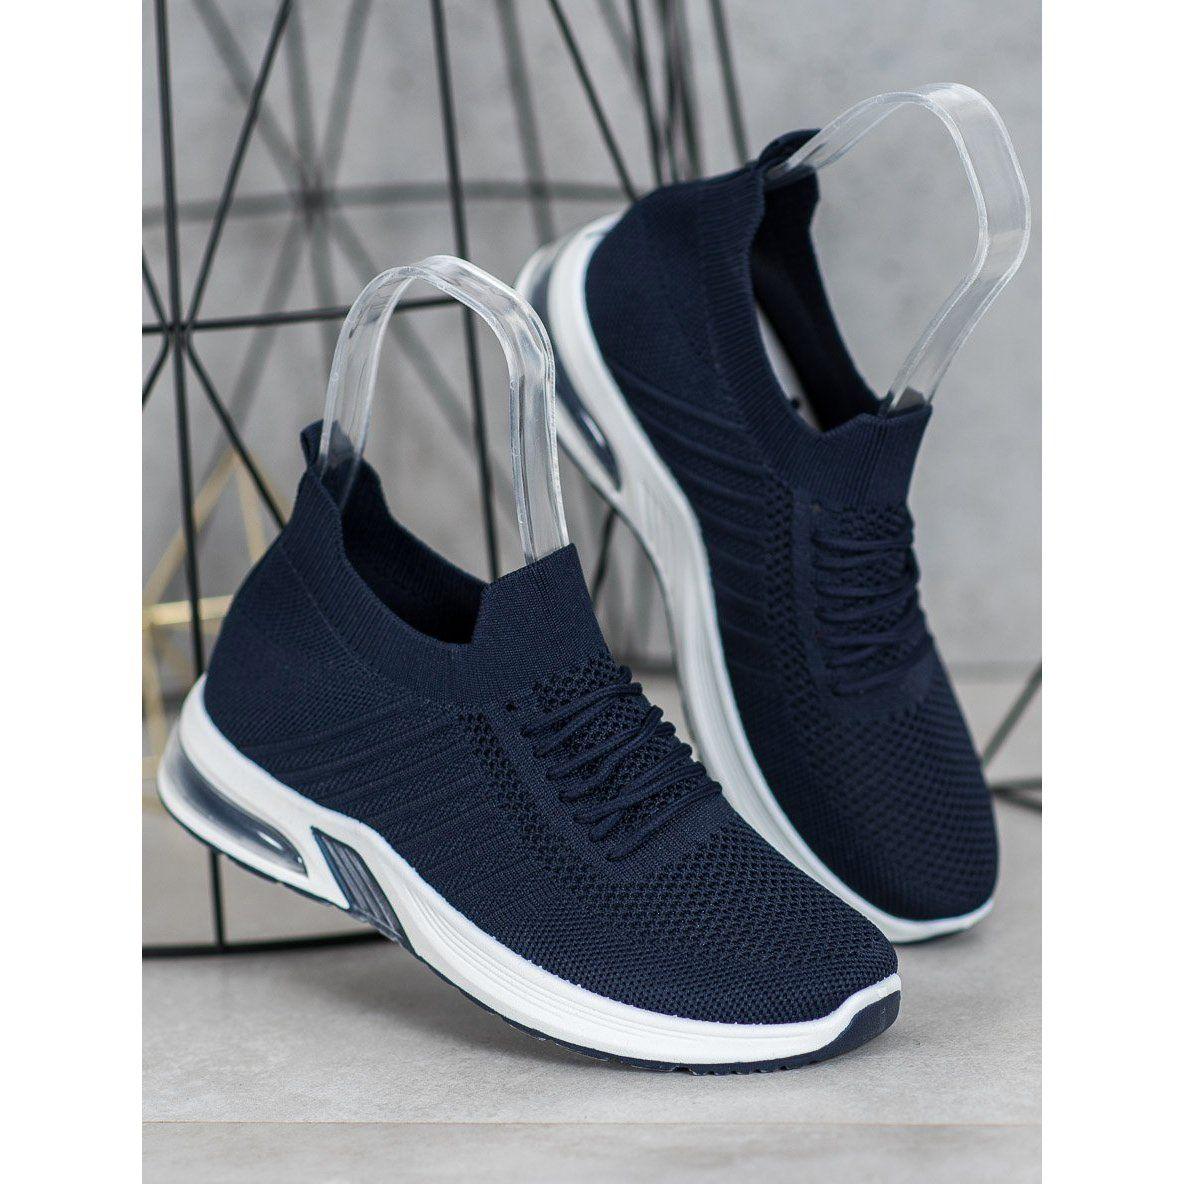 Shelovet Granatowe Tekstylne Buty Na Platformie Adidas Sneakers Shoes Sneakers